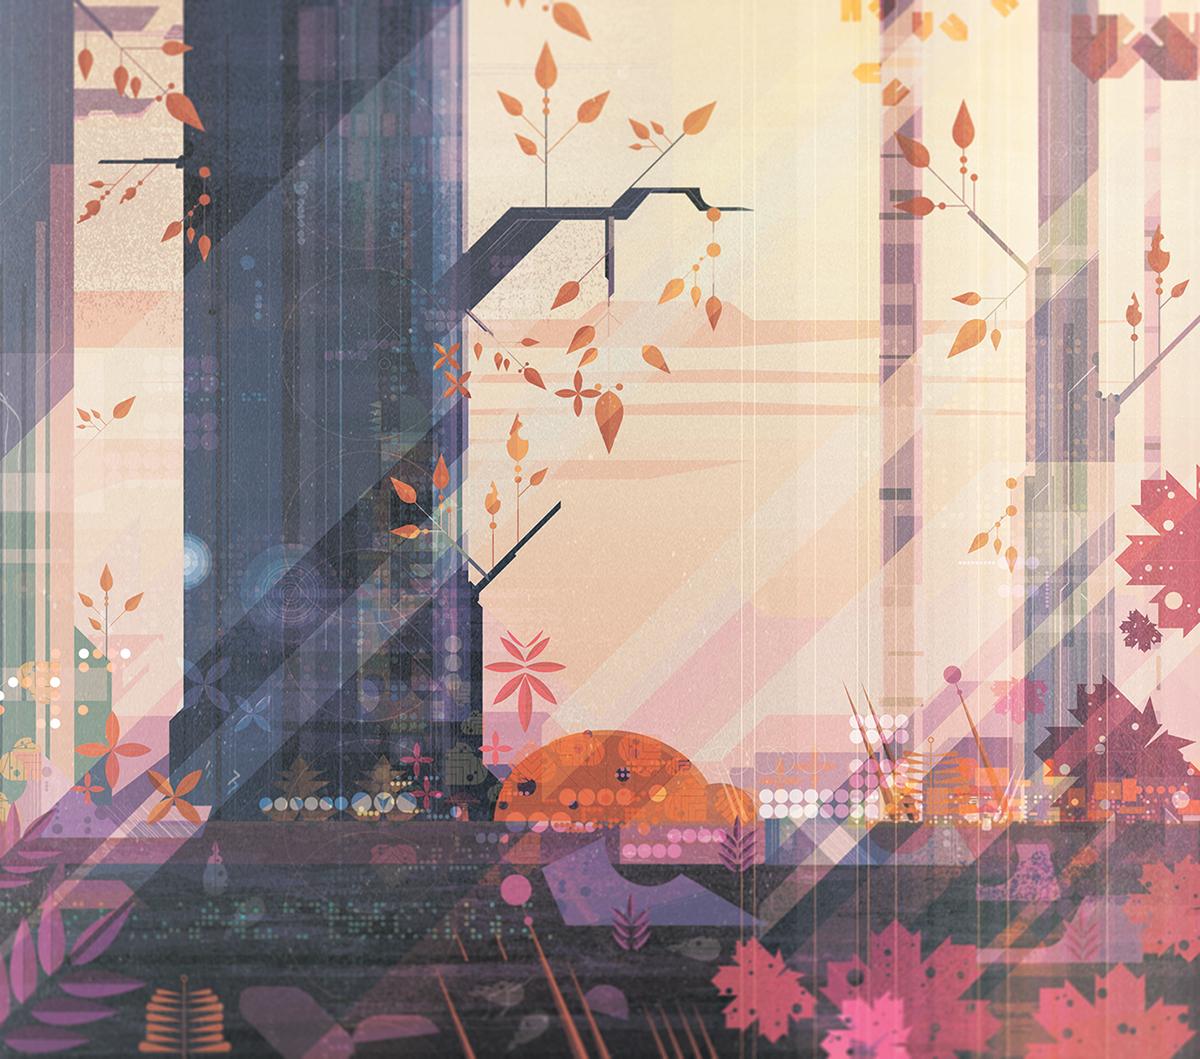 Illustration December 2015 by James Gilleard